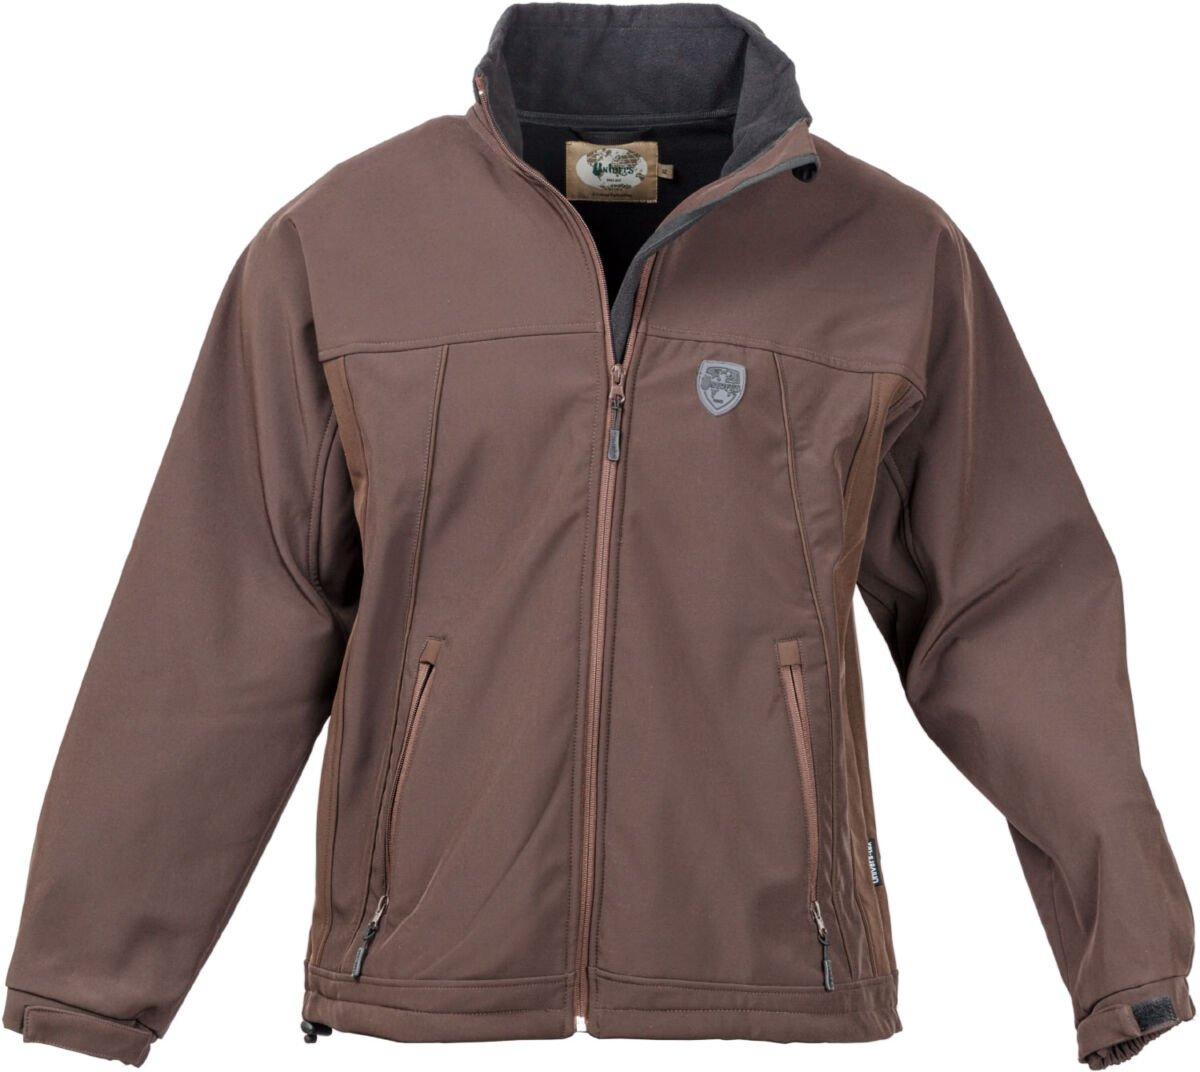 Куртка Unisport Soft-Shell U-Tex S ц:коричневый